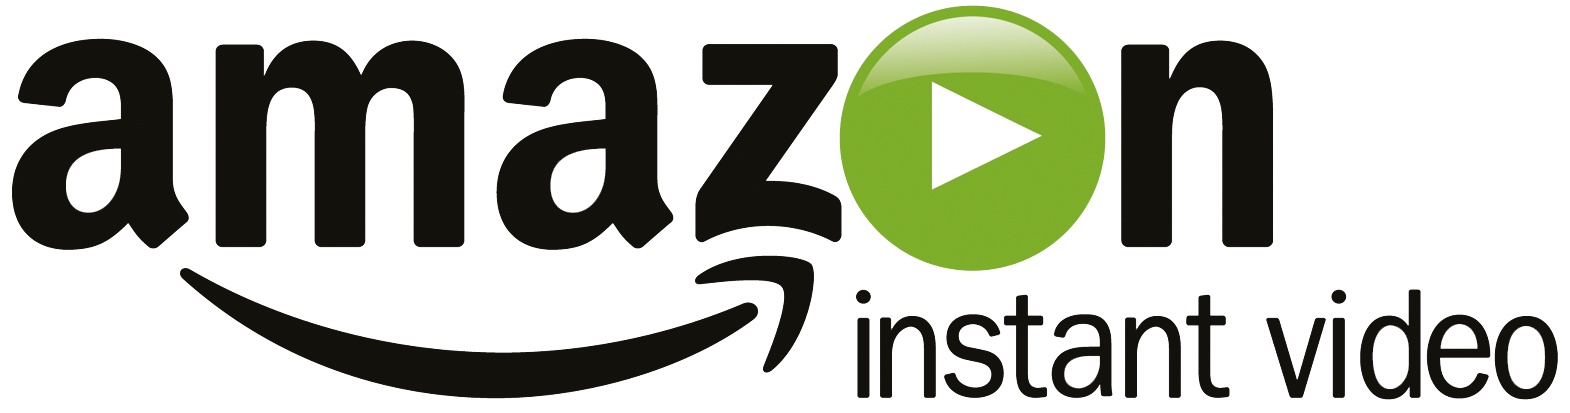 Online Videotheken unter Linux nutzen